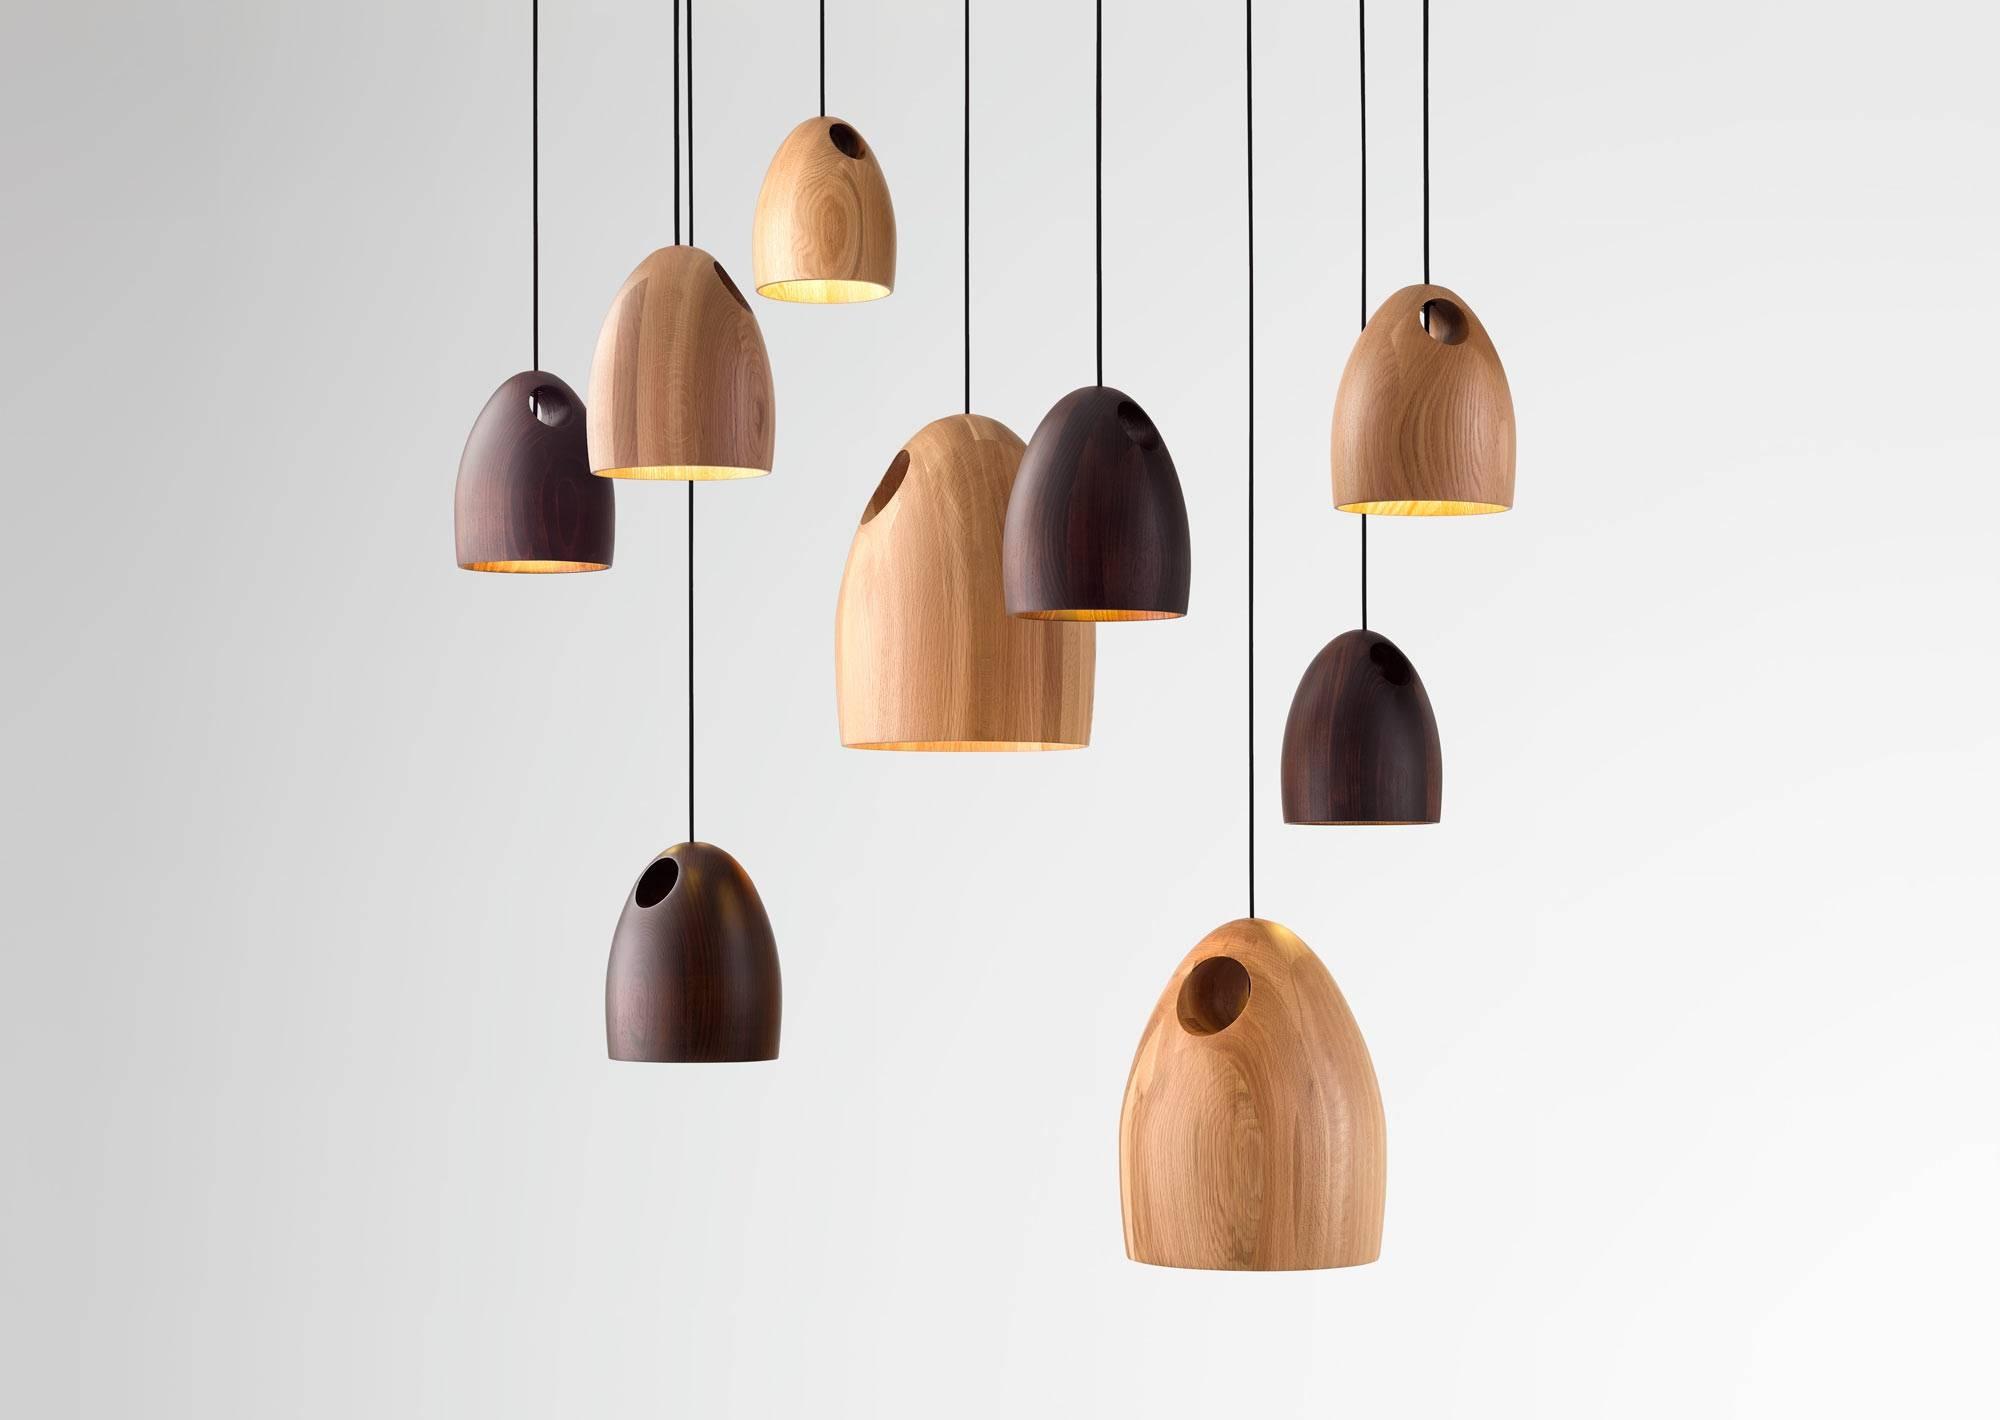 Oak Pendant Light | Ross Gardam – Melbourne Australia Intended For Wooden Pendant Lighting (View 10 of 15)